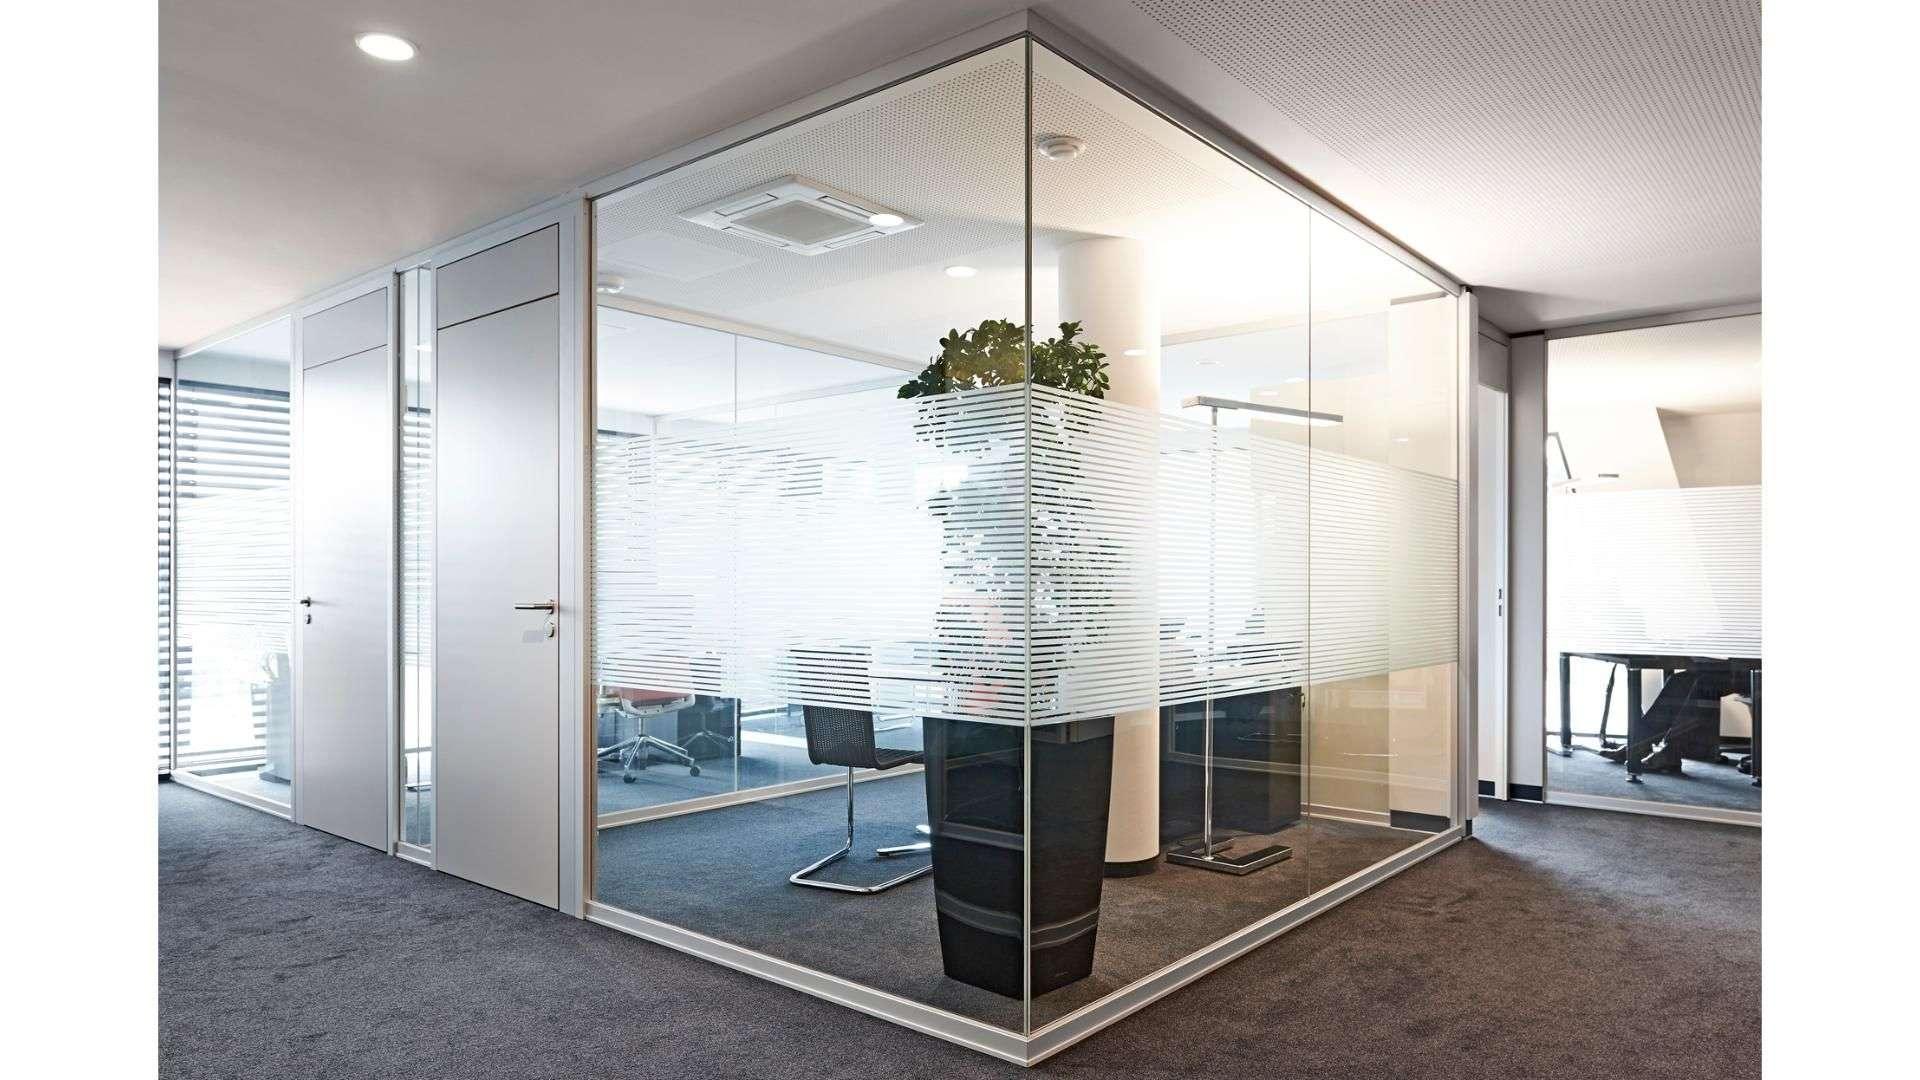 Ganzglas-Anlage um ein Büro